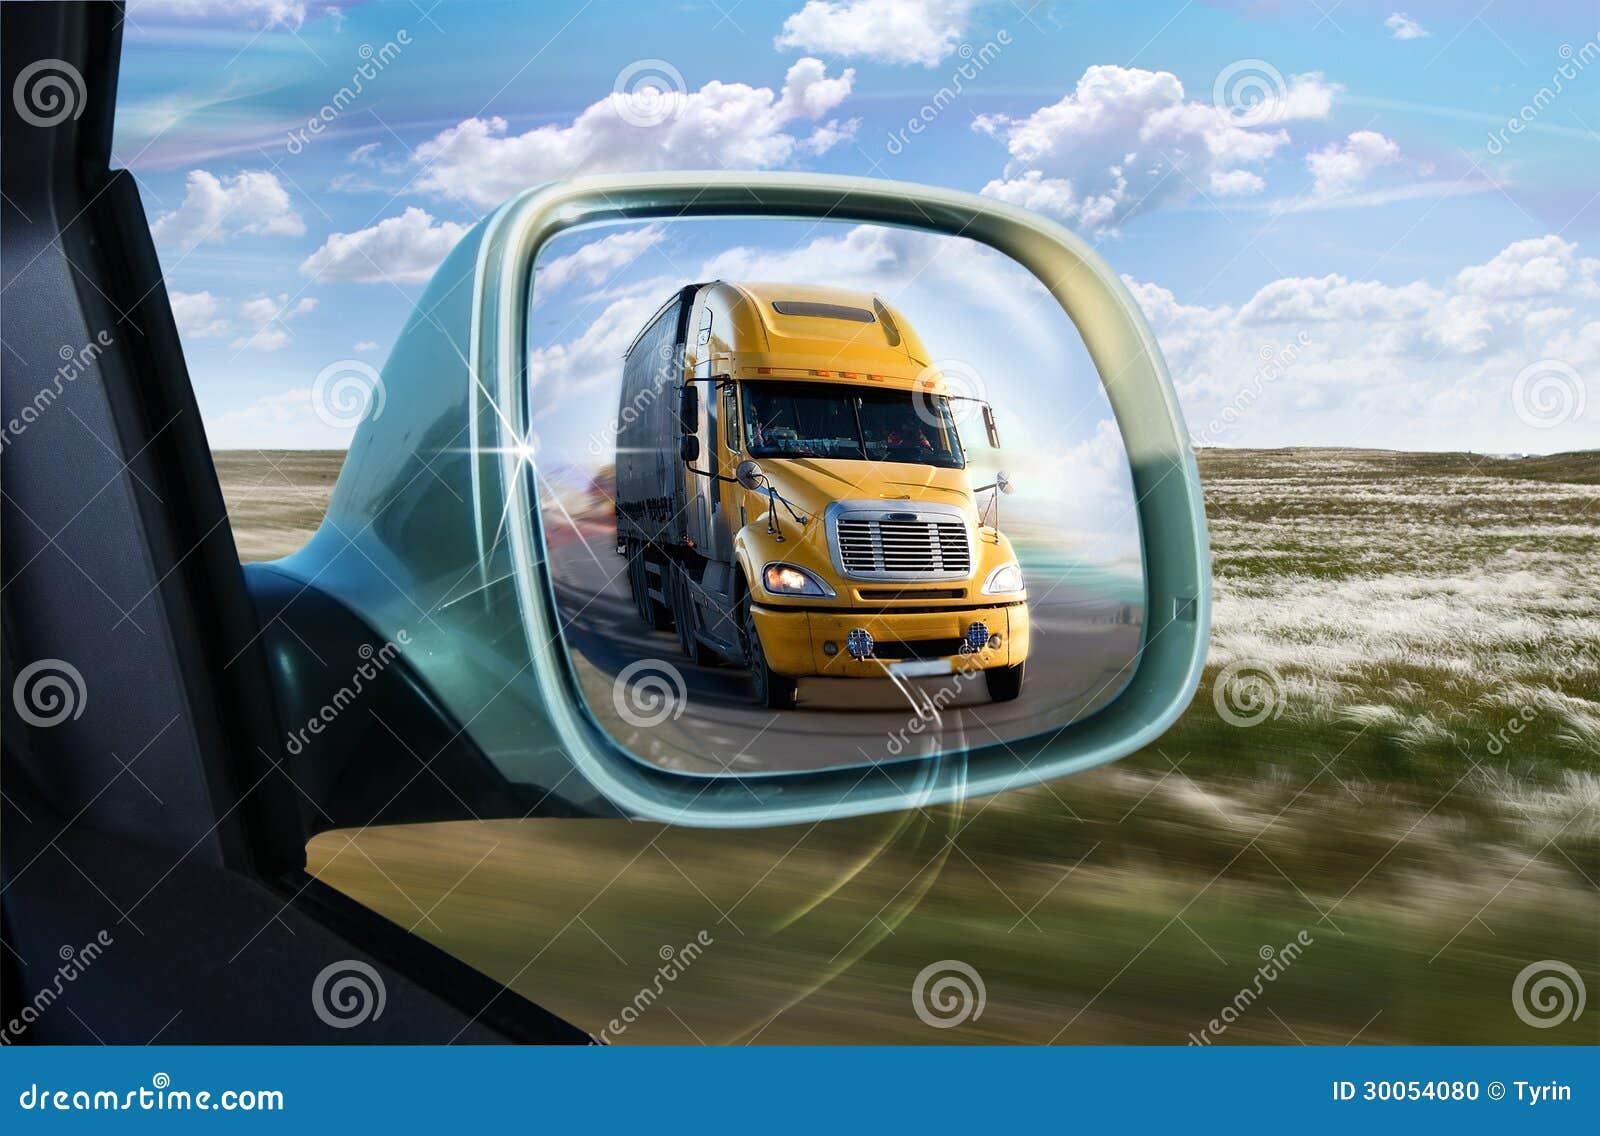 camion dans le r troviseur photo stock image 30054080. Black Bedroom Furniture Sets. Home Design Ideas